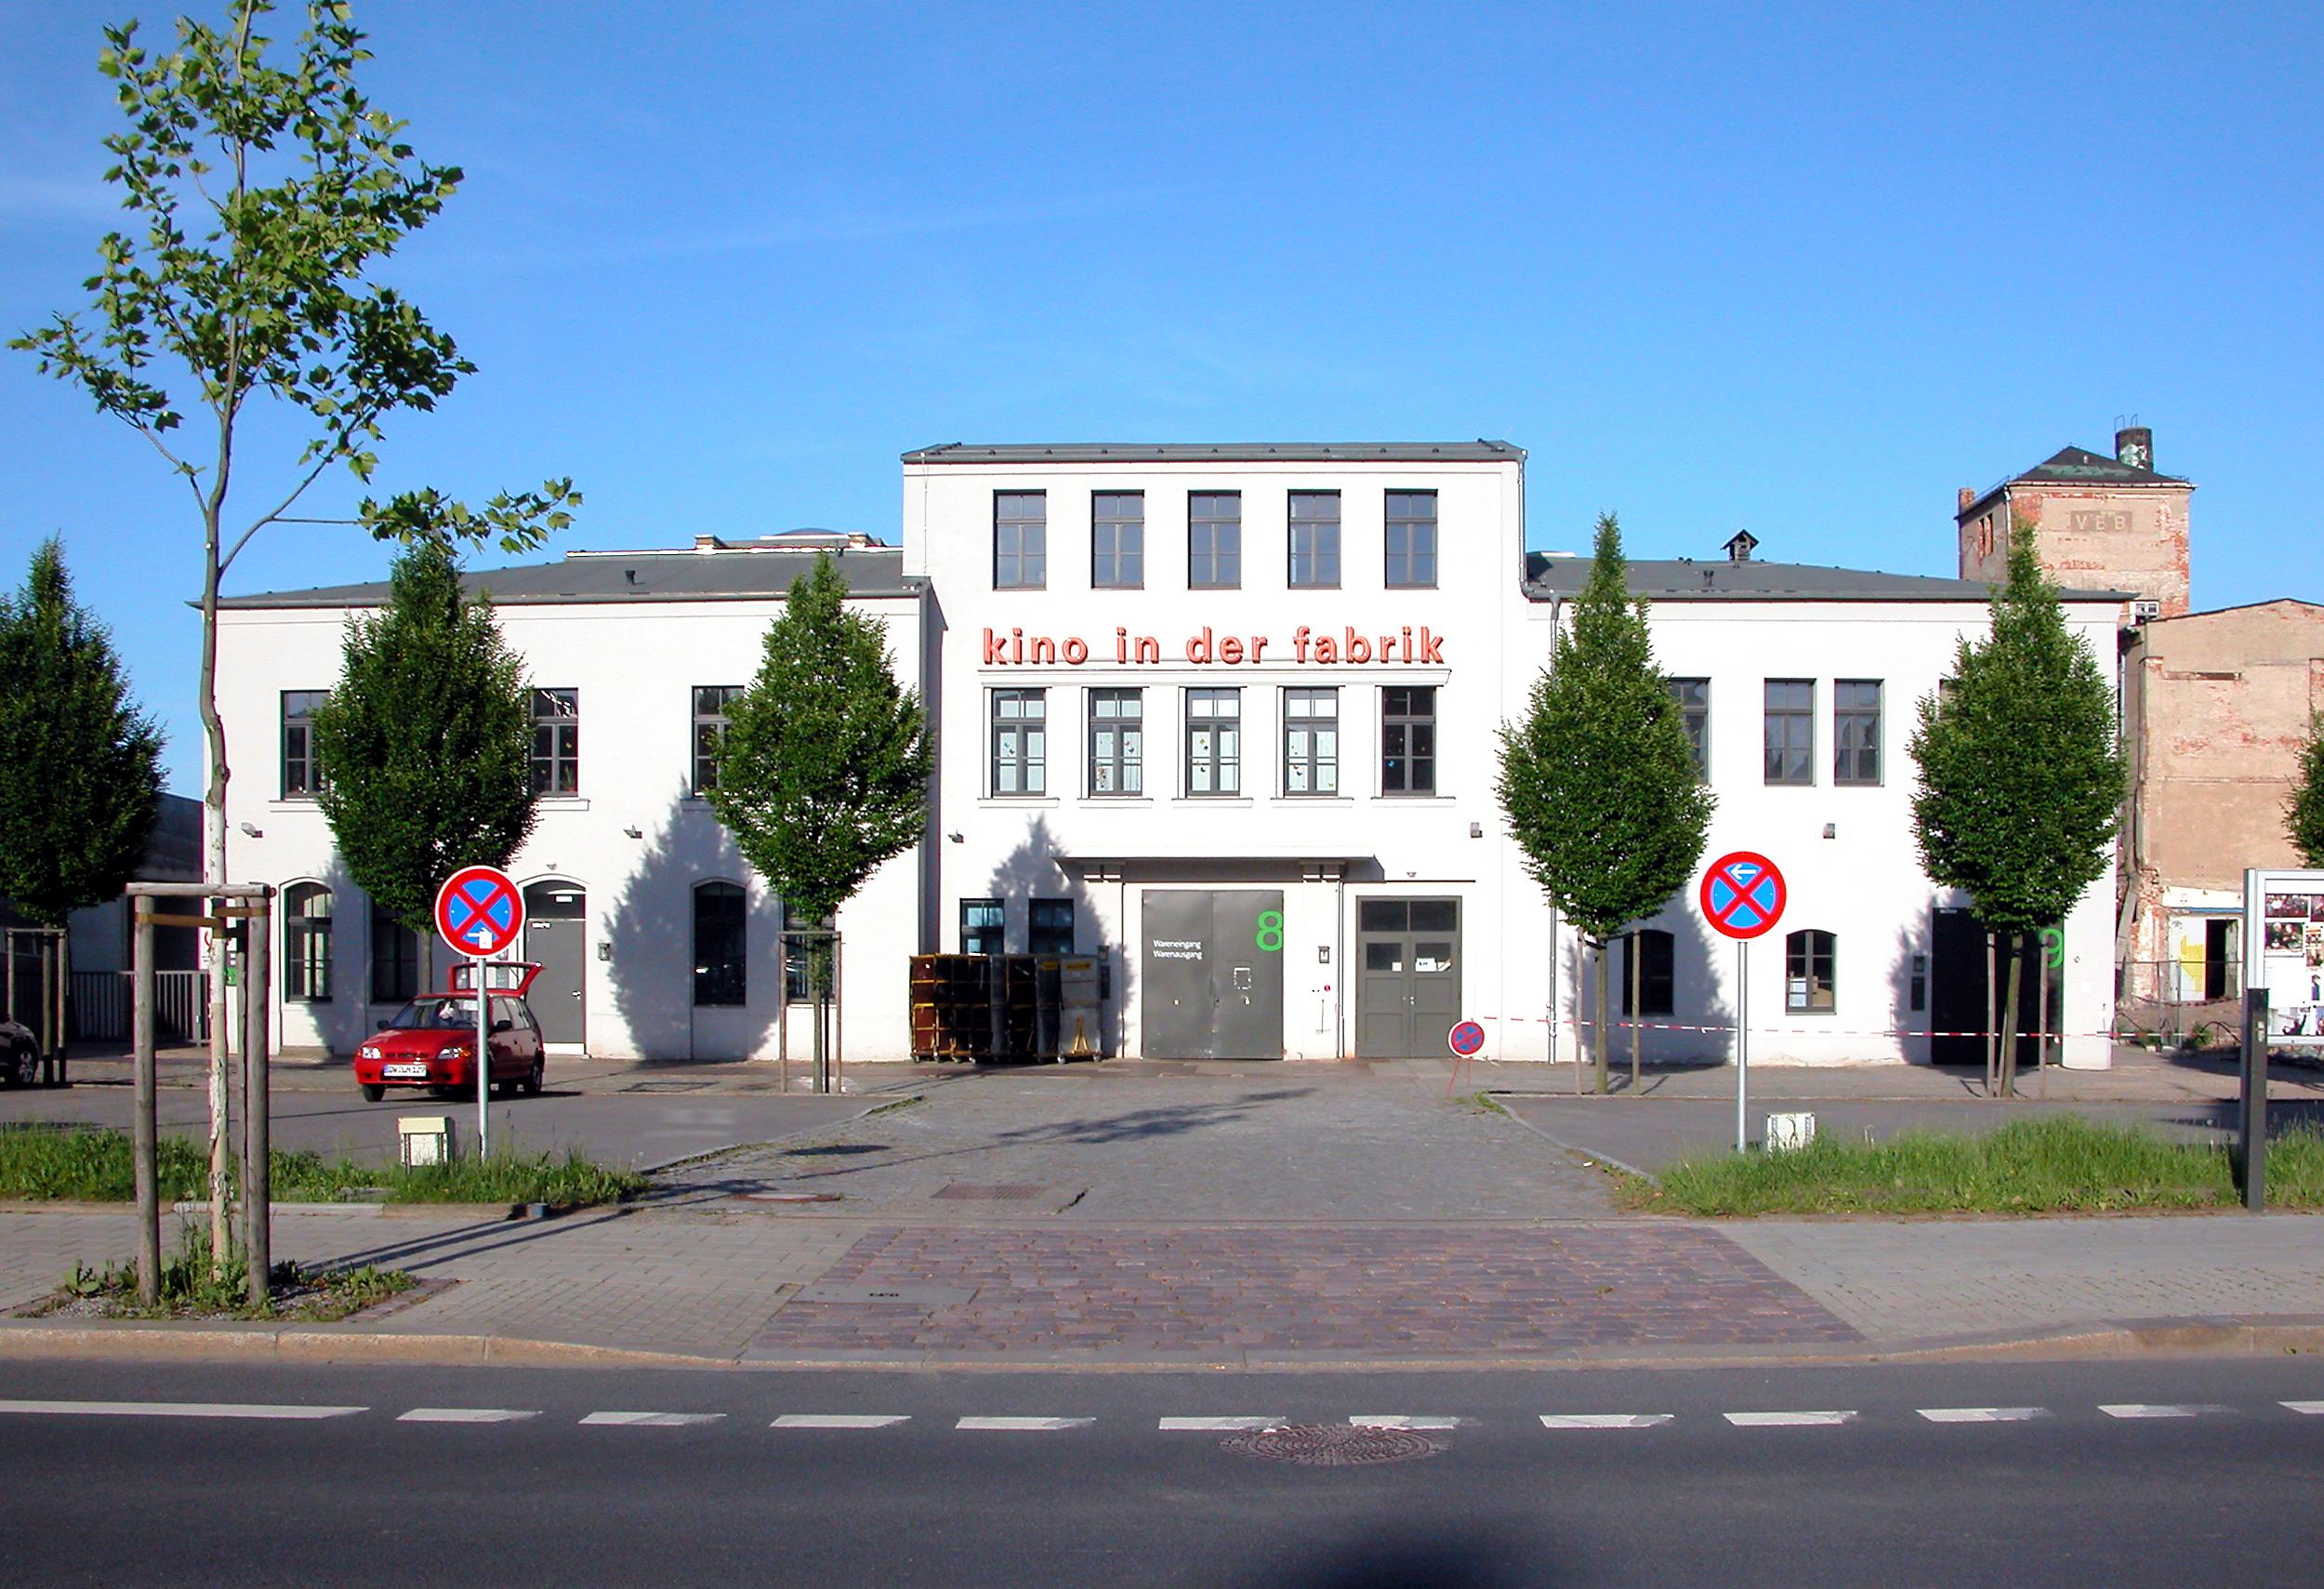 kino in der fabrik